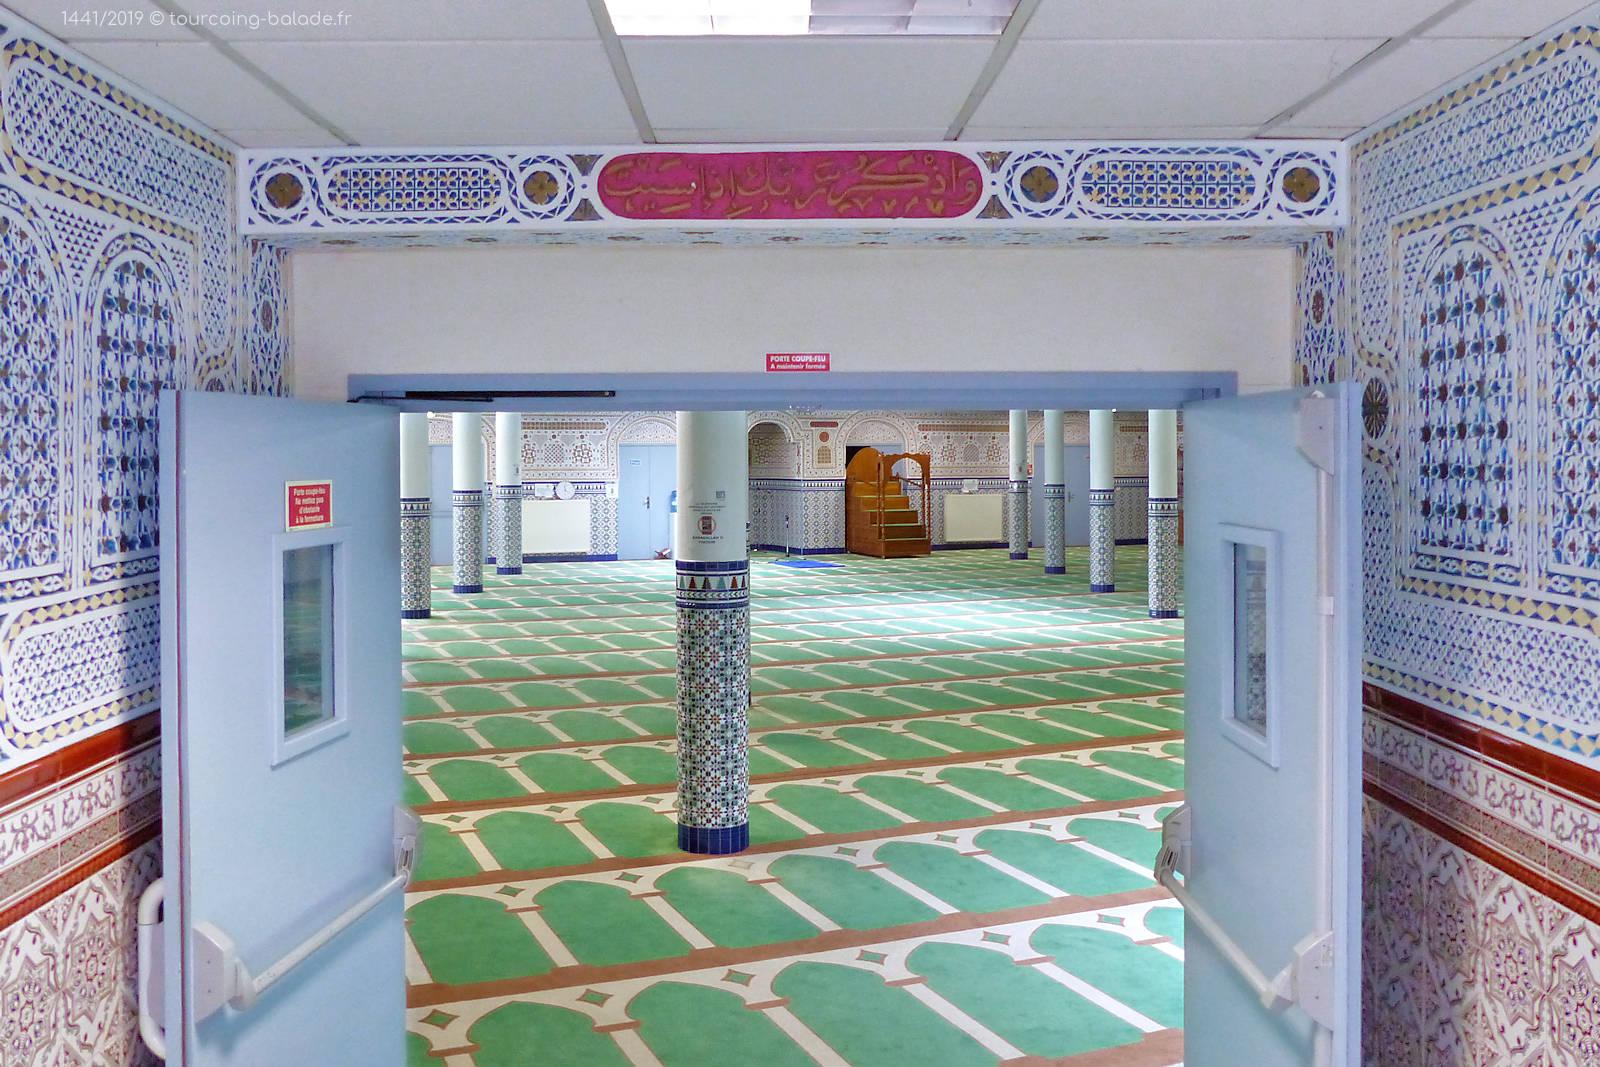 Mosquée Tourcoing Assalam - Entrée de la salle de prières